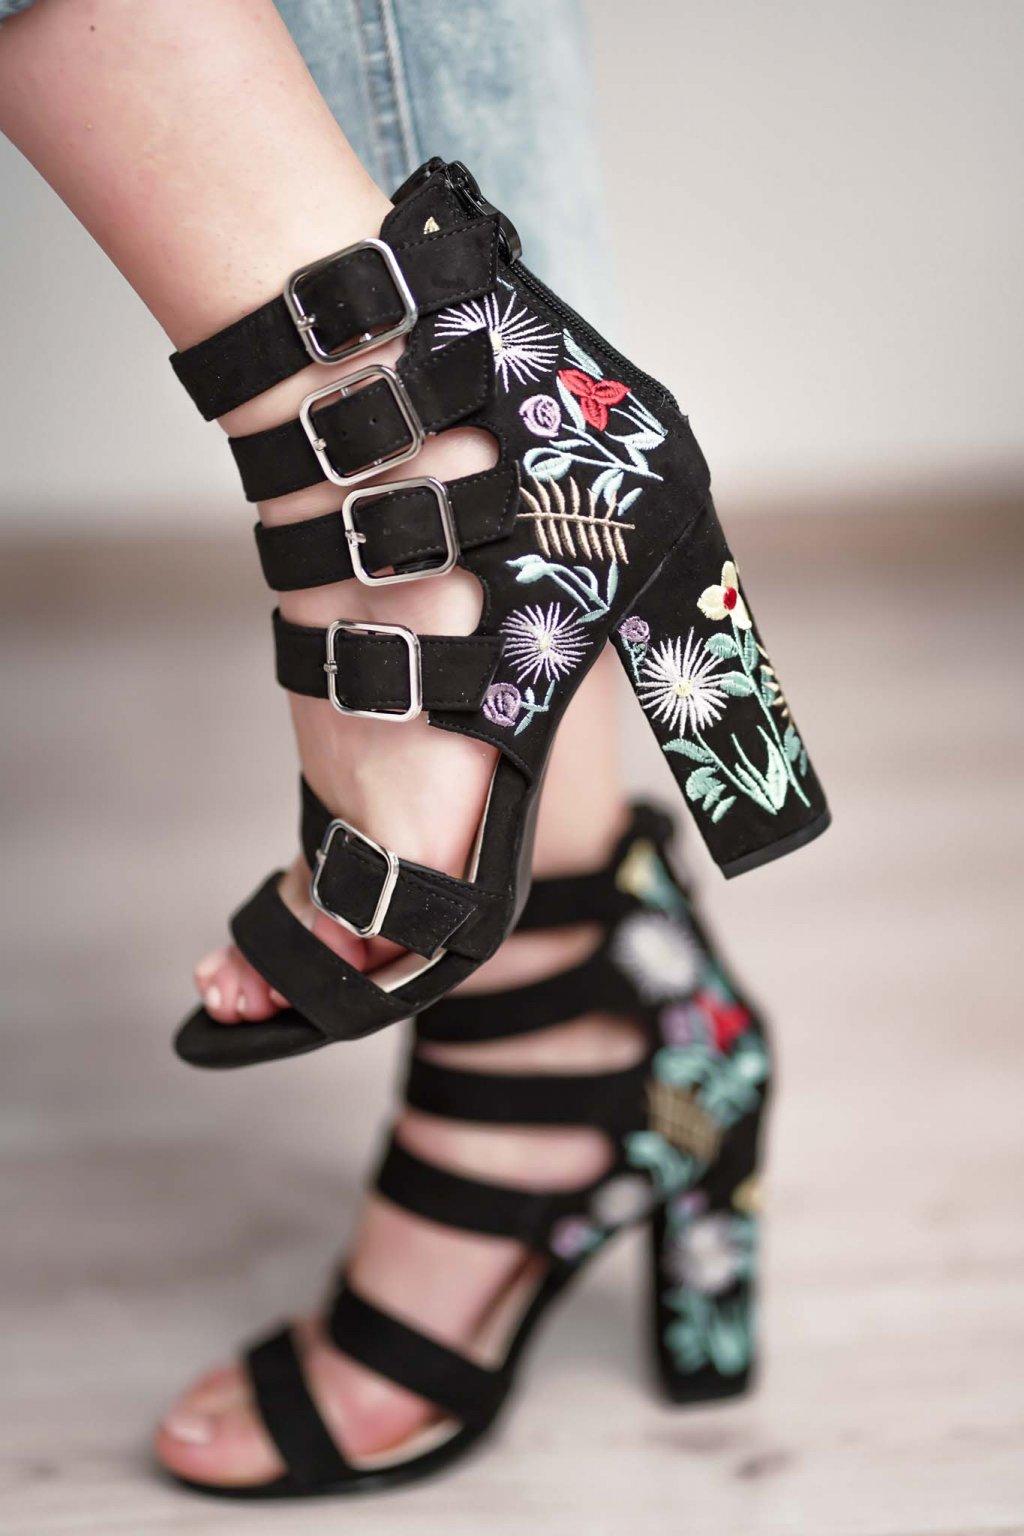 topánky, obuv, tenisky, botasky, lodičky, čižmy, šľapky, sandálky 485